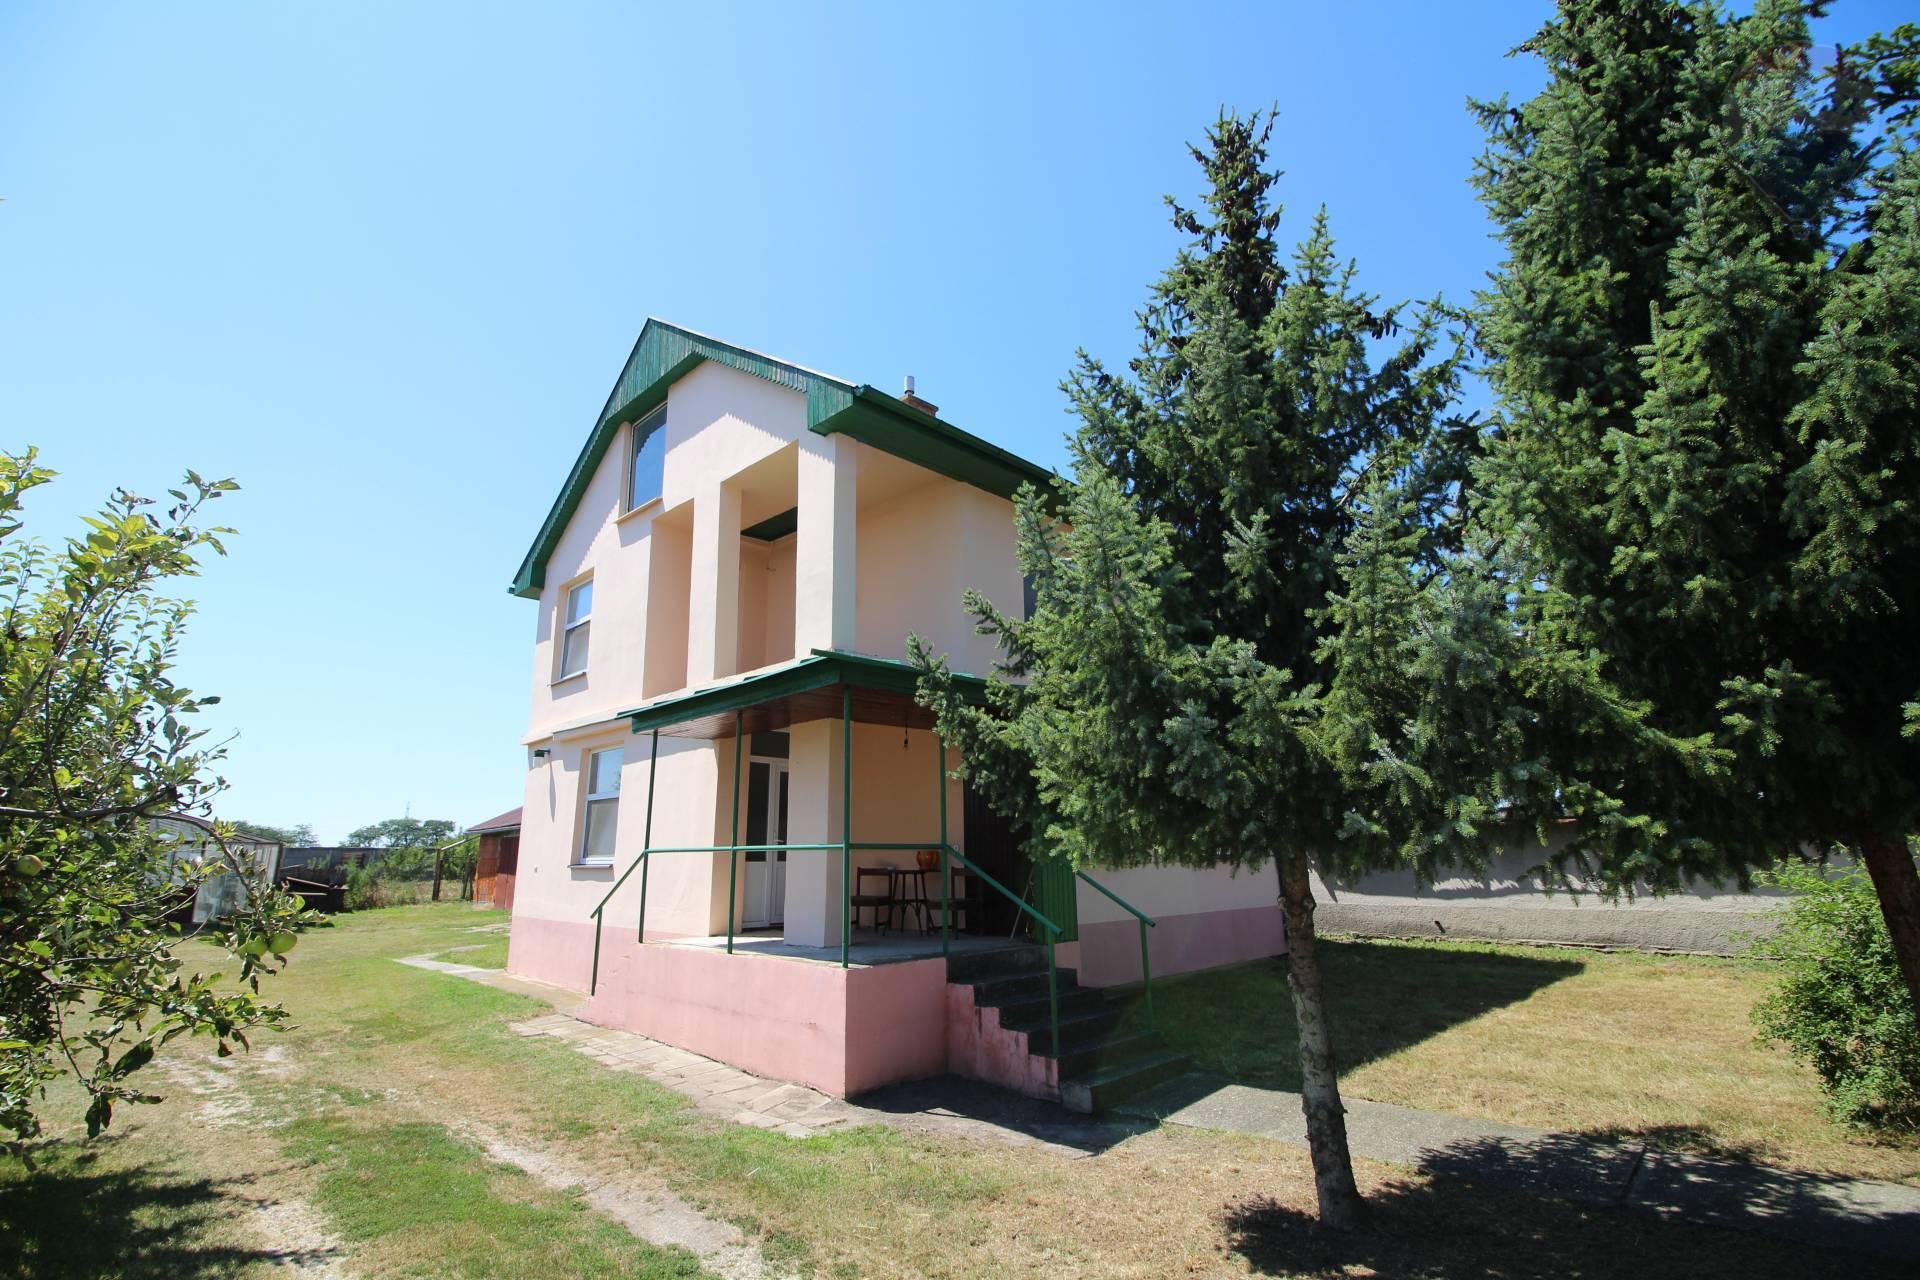 Predaj: 5-izbový rodinný dom, čiastočná rekonštrukcia, Dolný Štál, okres Dunajská Streda